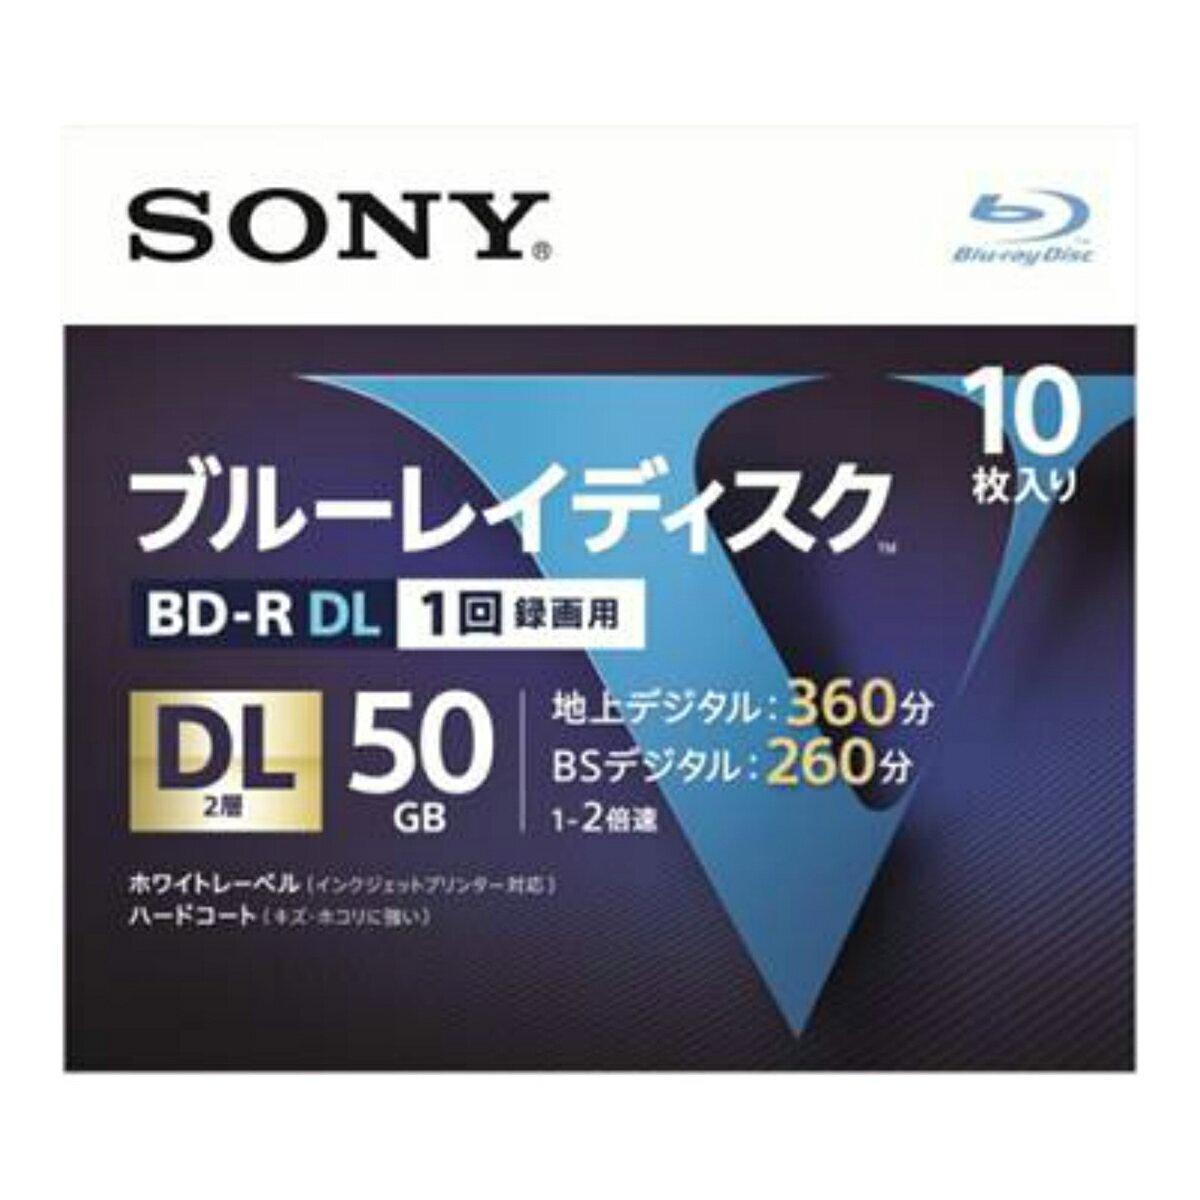 【送料無料・まとめ買い×012】ソニー ブルーレイディスク R2倍速2層 Vシリーズ 10BNR2VLPS2 10枚入 ×012点セット(4548736036970)